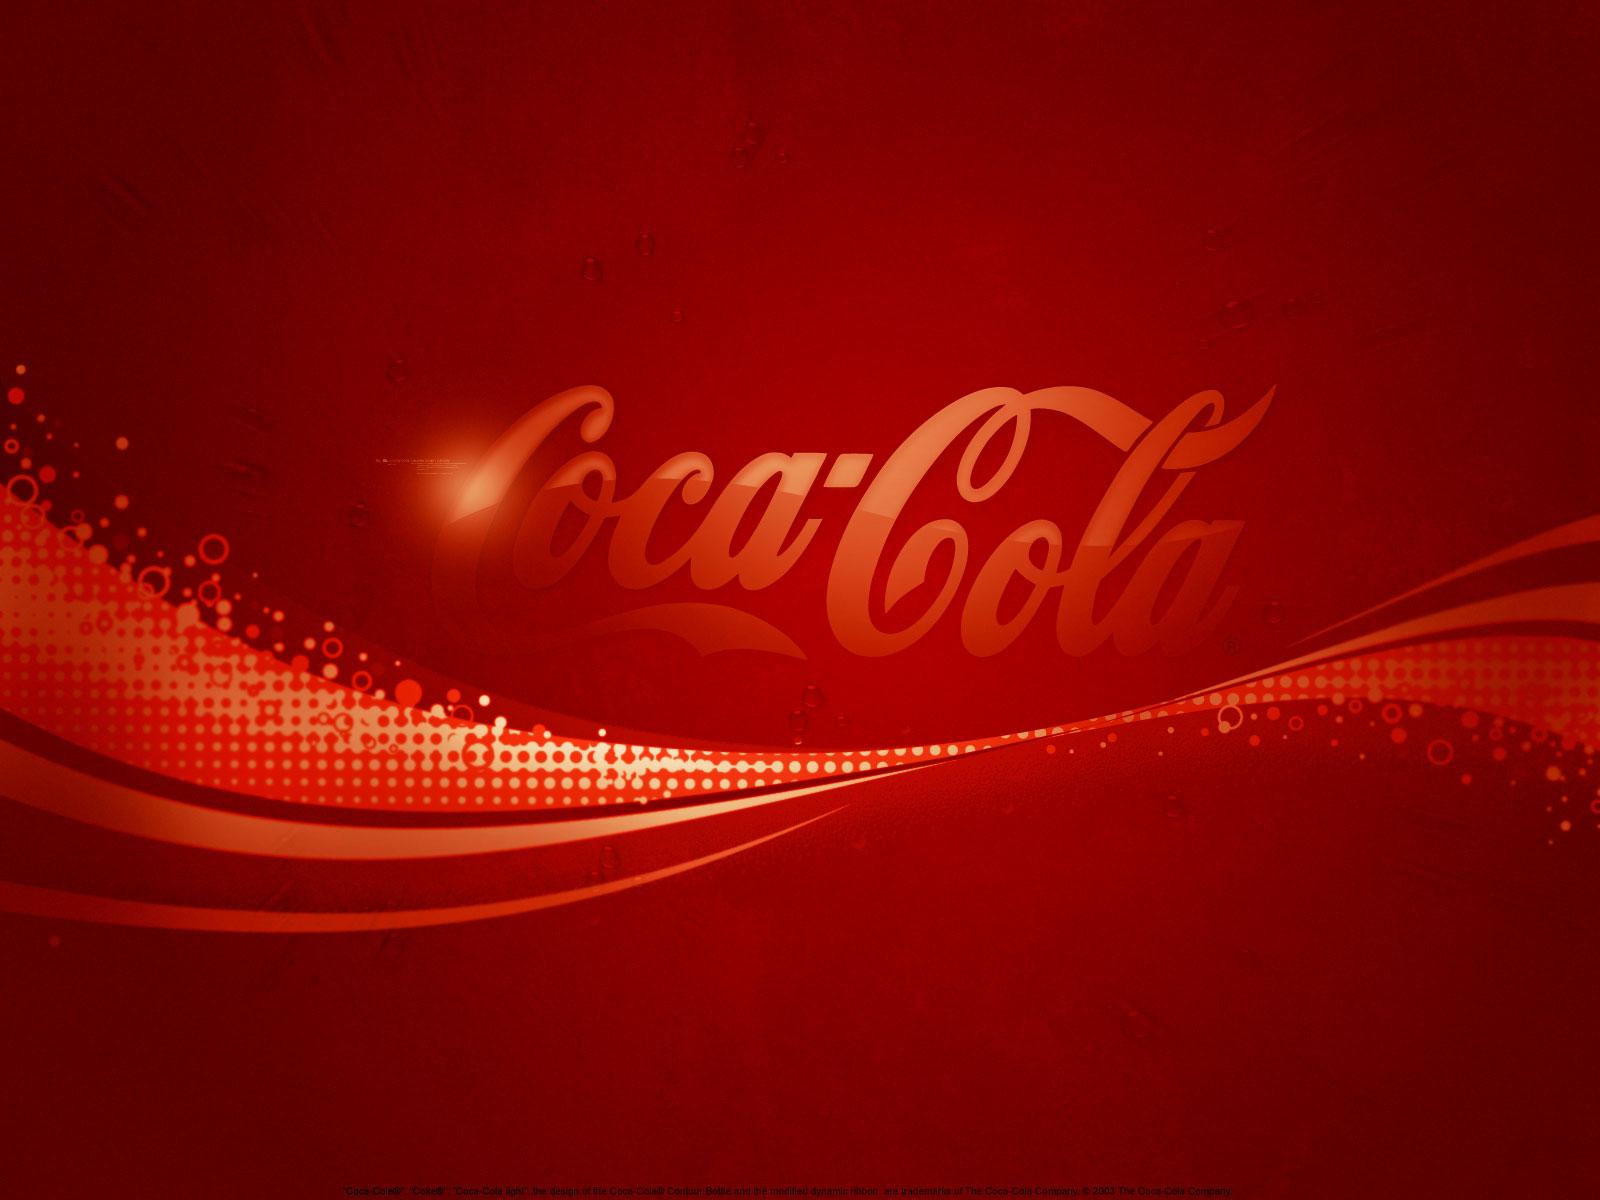 http://4.bp.blogspot.com/-4RMrYaGwykk/TY_IGHlSbkI/AAAAAAAAAD0/y6N2iQC1dGM/s1600/coke_wallpaper05_1600.jpg